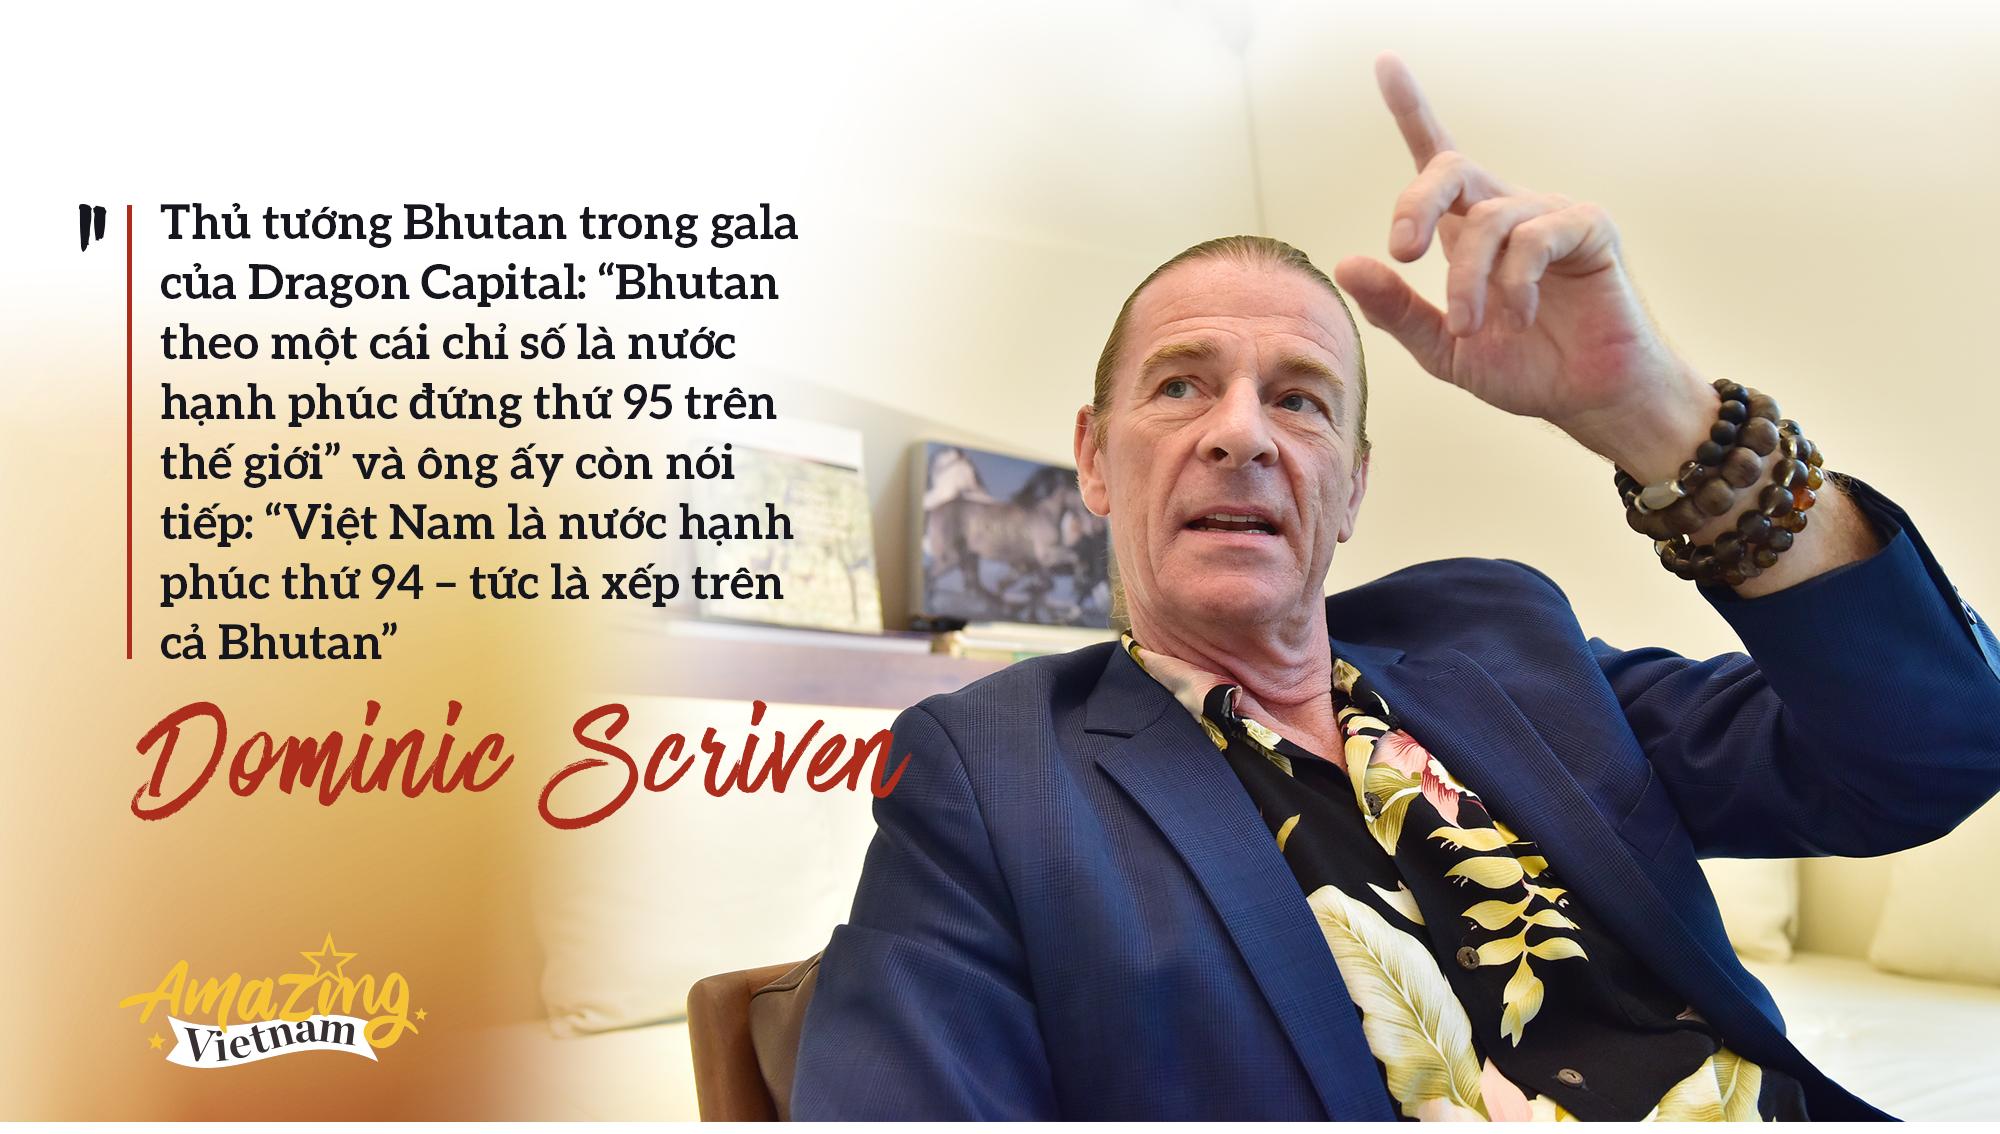 Chuyện chưa kể của Chủ tịch Dragon Capital: Năm nào cũng ăn Tết ở Việt Nam, thích nhất tinh thần lạc quan của người Việt - Ảnh 11.